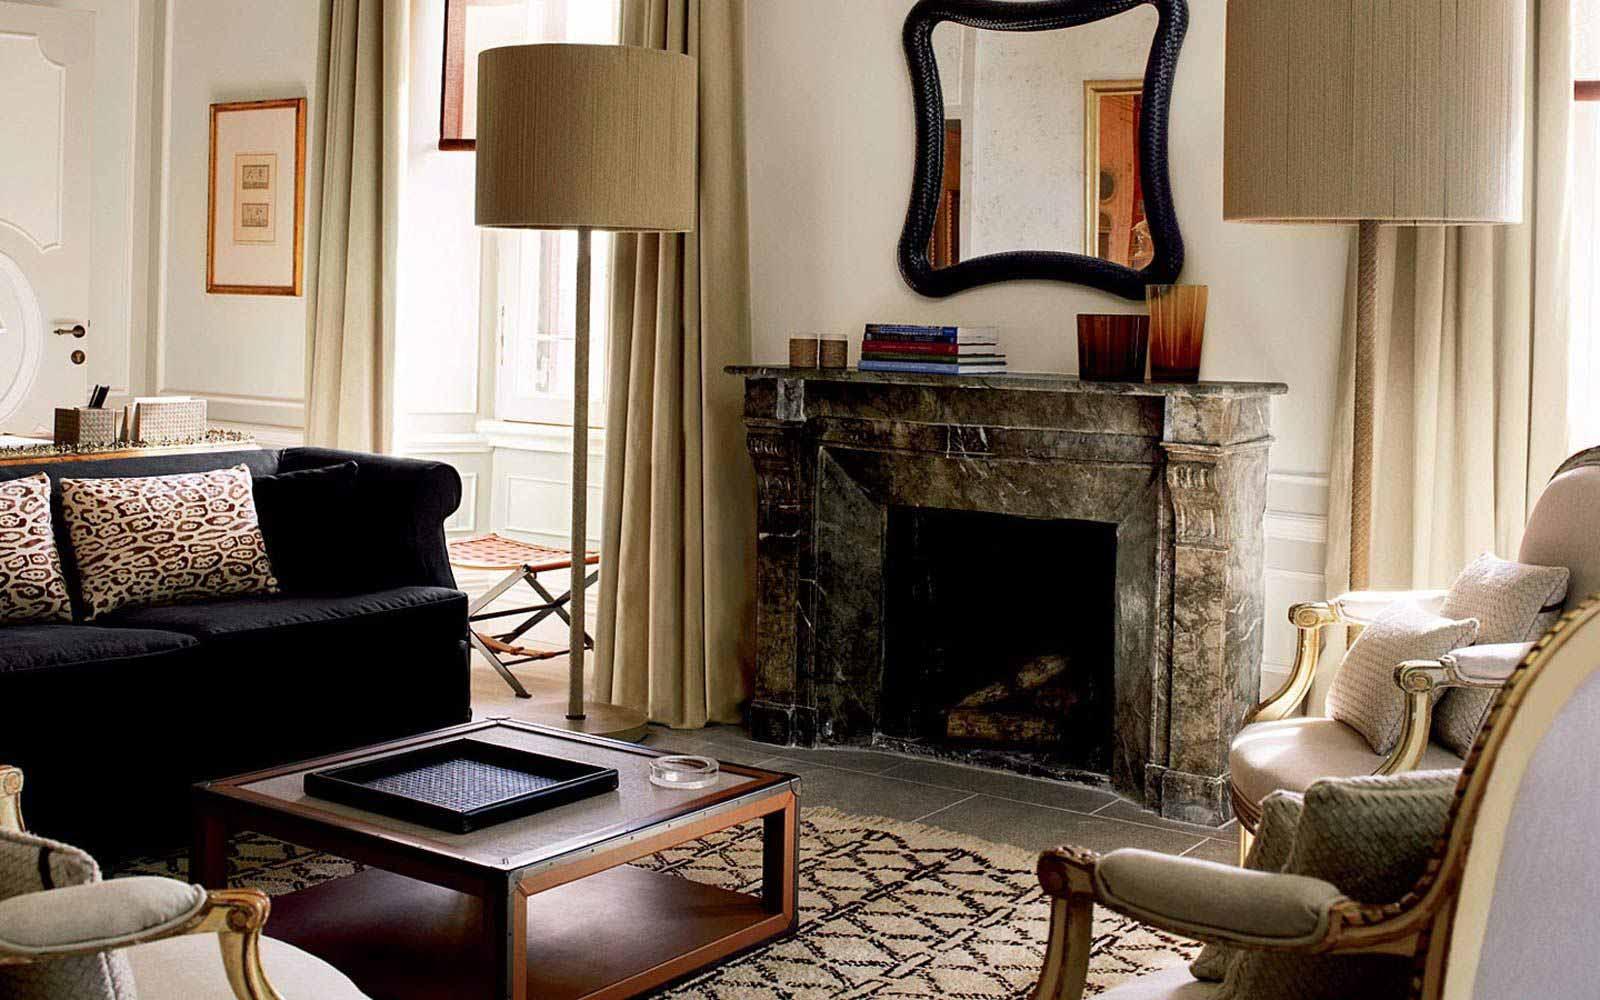 La Bottega Veneta suite living room at St.Regis Grand Hotel